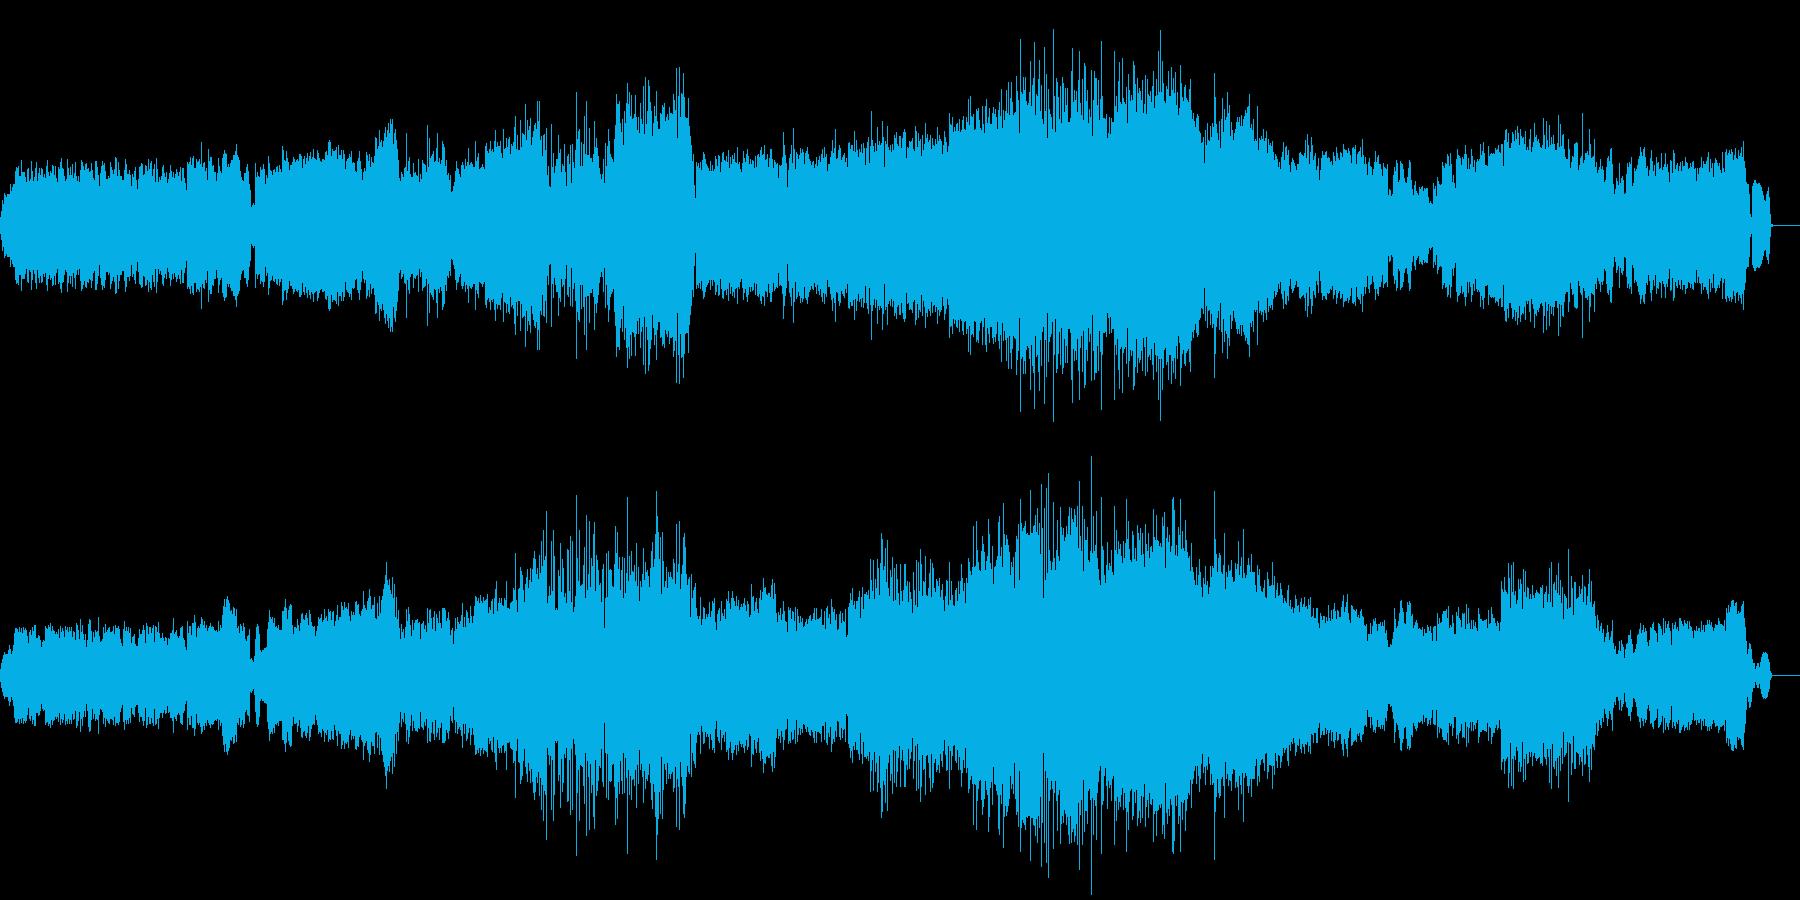 サマーセットラプソディの再生済みの波形